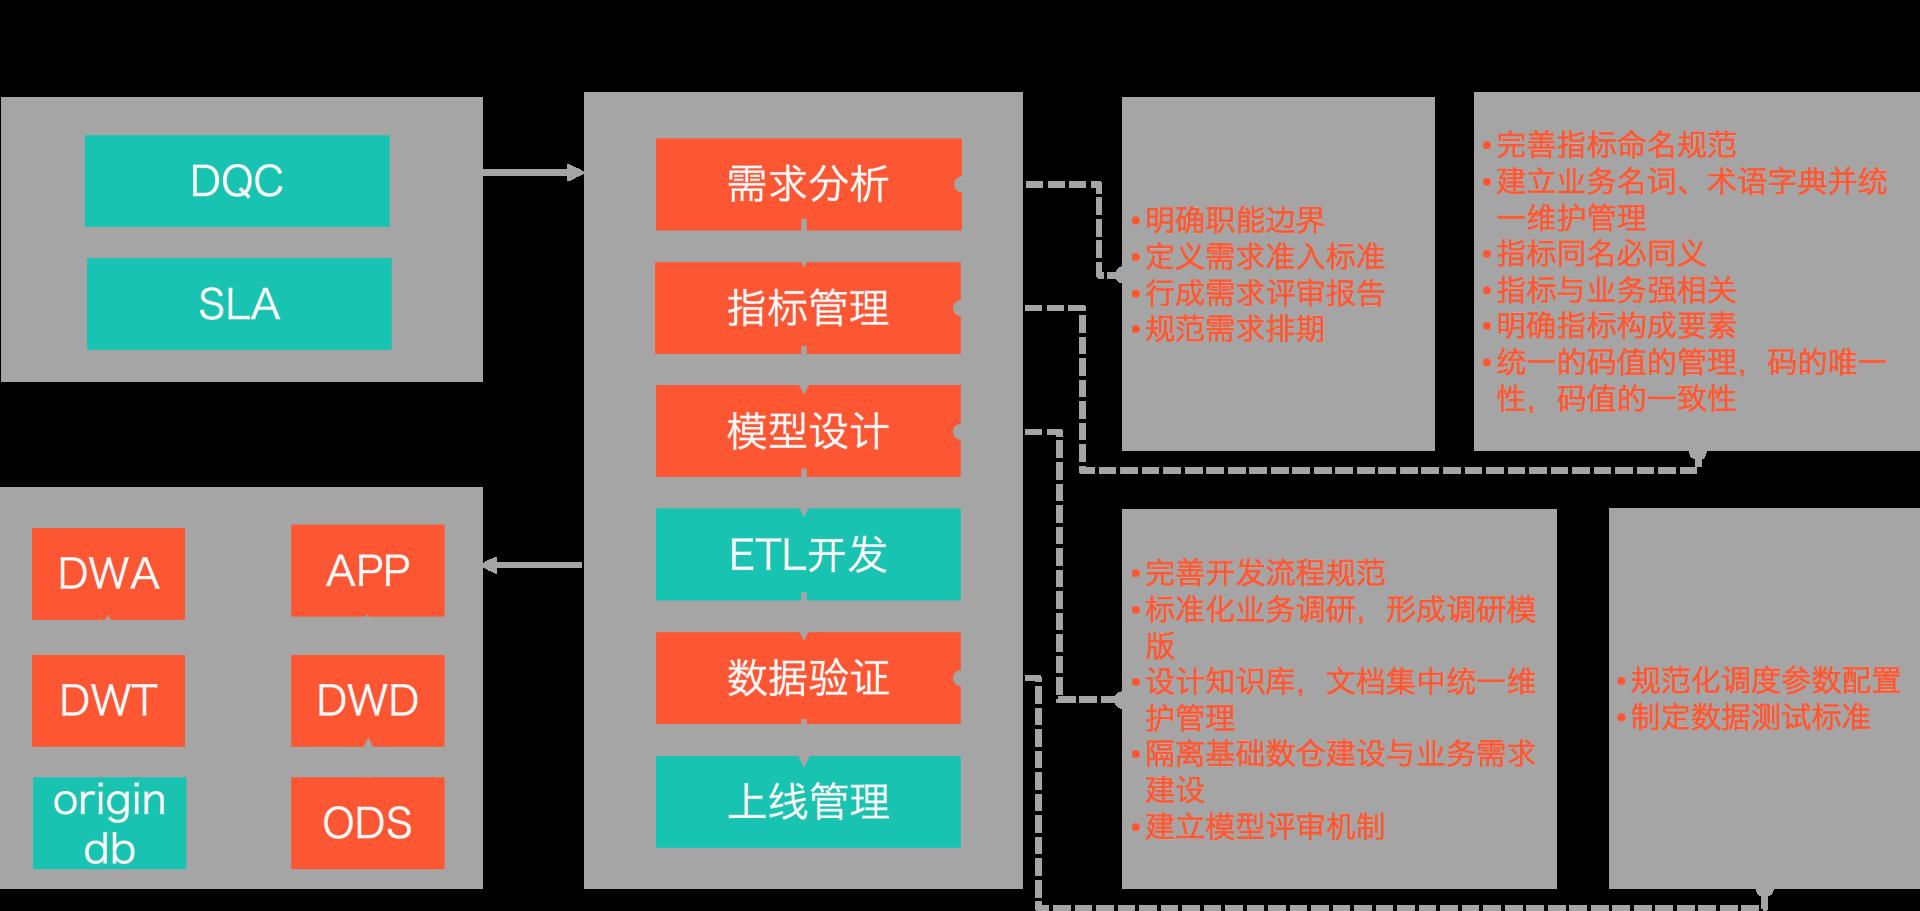 图14 数仓管理流程